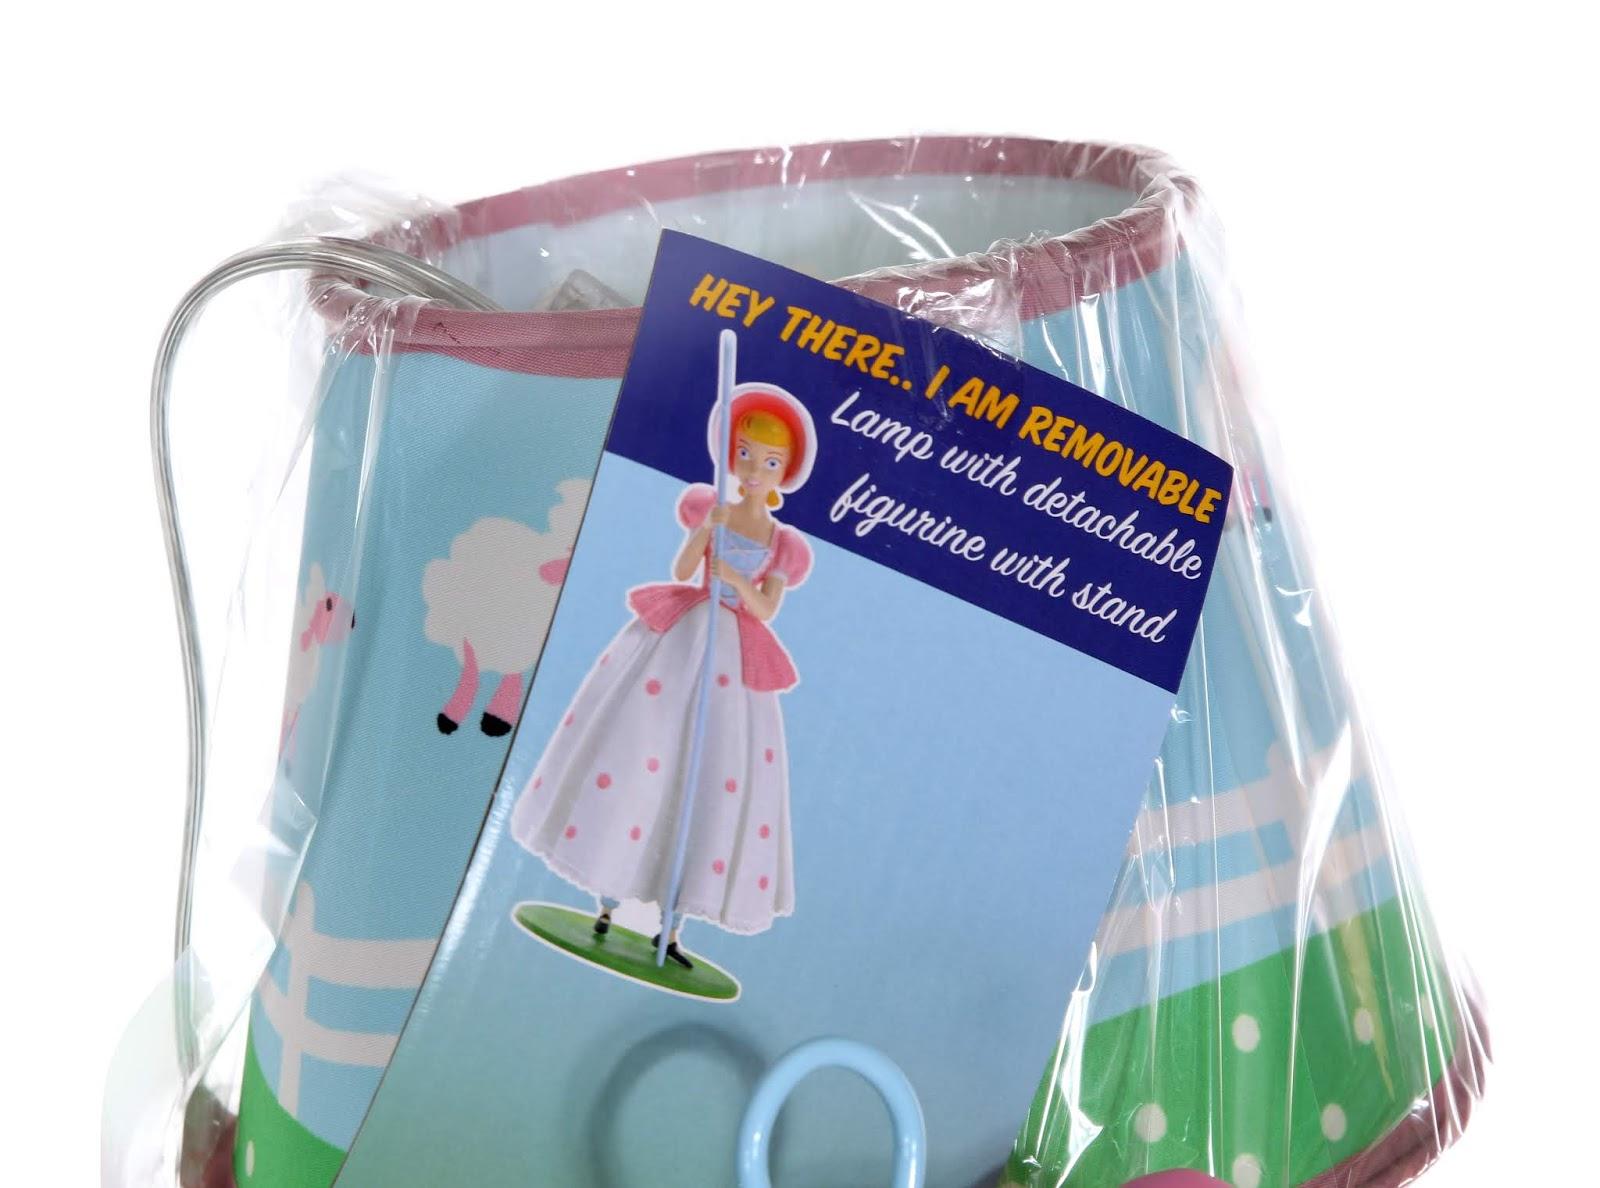 toy story 4 bo peep lamp target